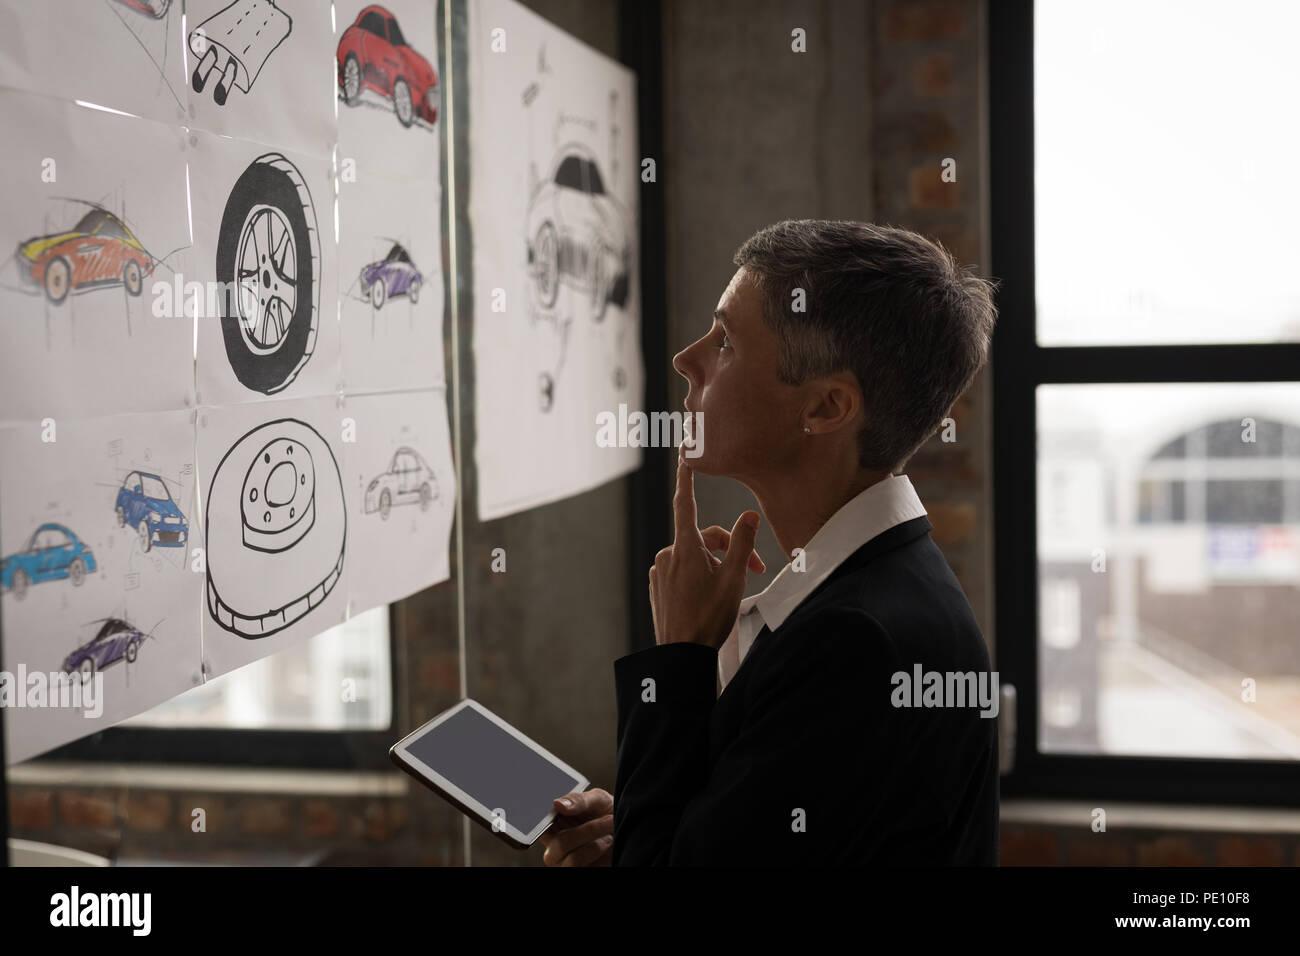 La empresaria mirando el gráfico Imagen De Stock